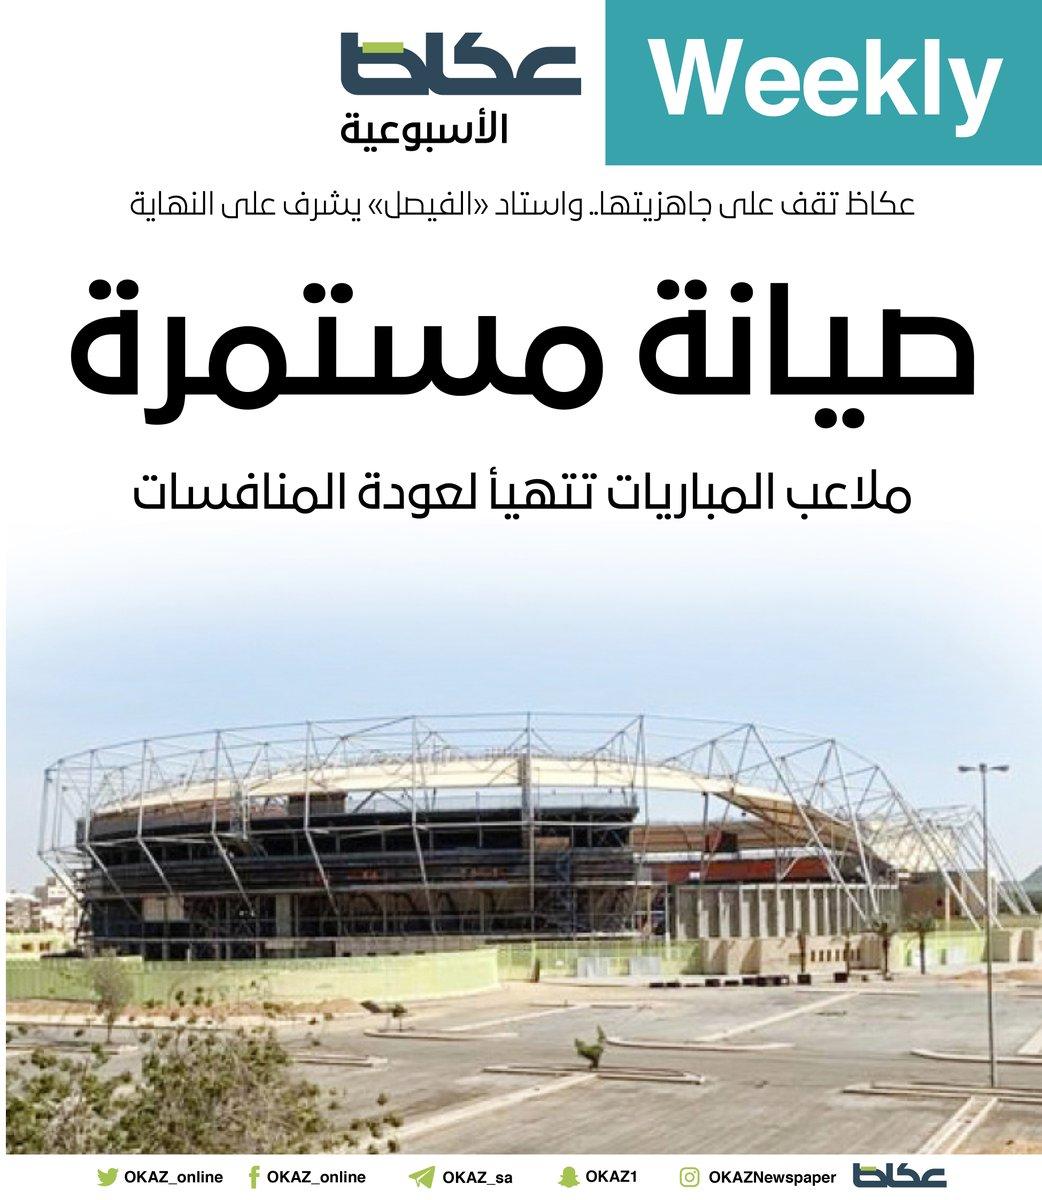 🚨 - عكاظ  وصل ملعب الأمير عبدالله الفيصل لنهايته وسيكون جاهز خلال شهر فقط .